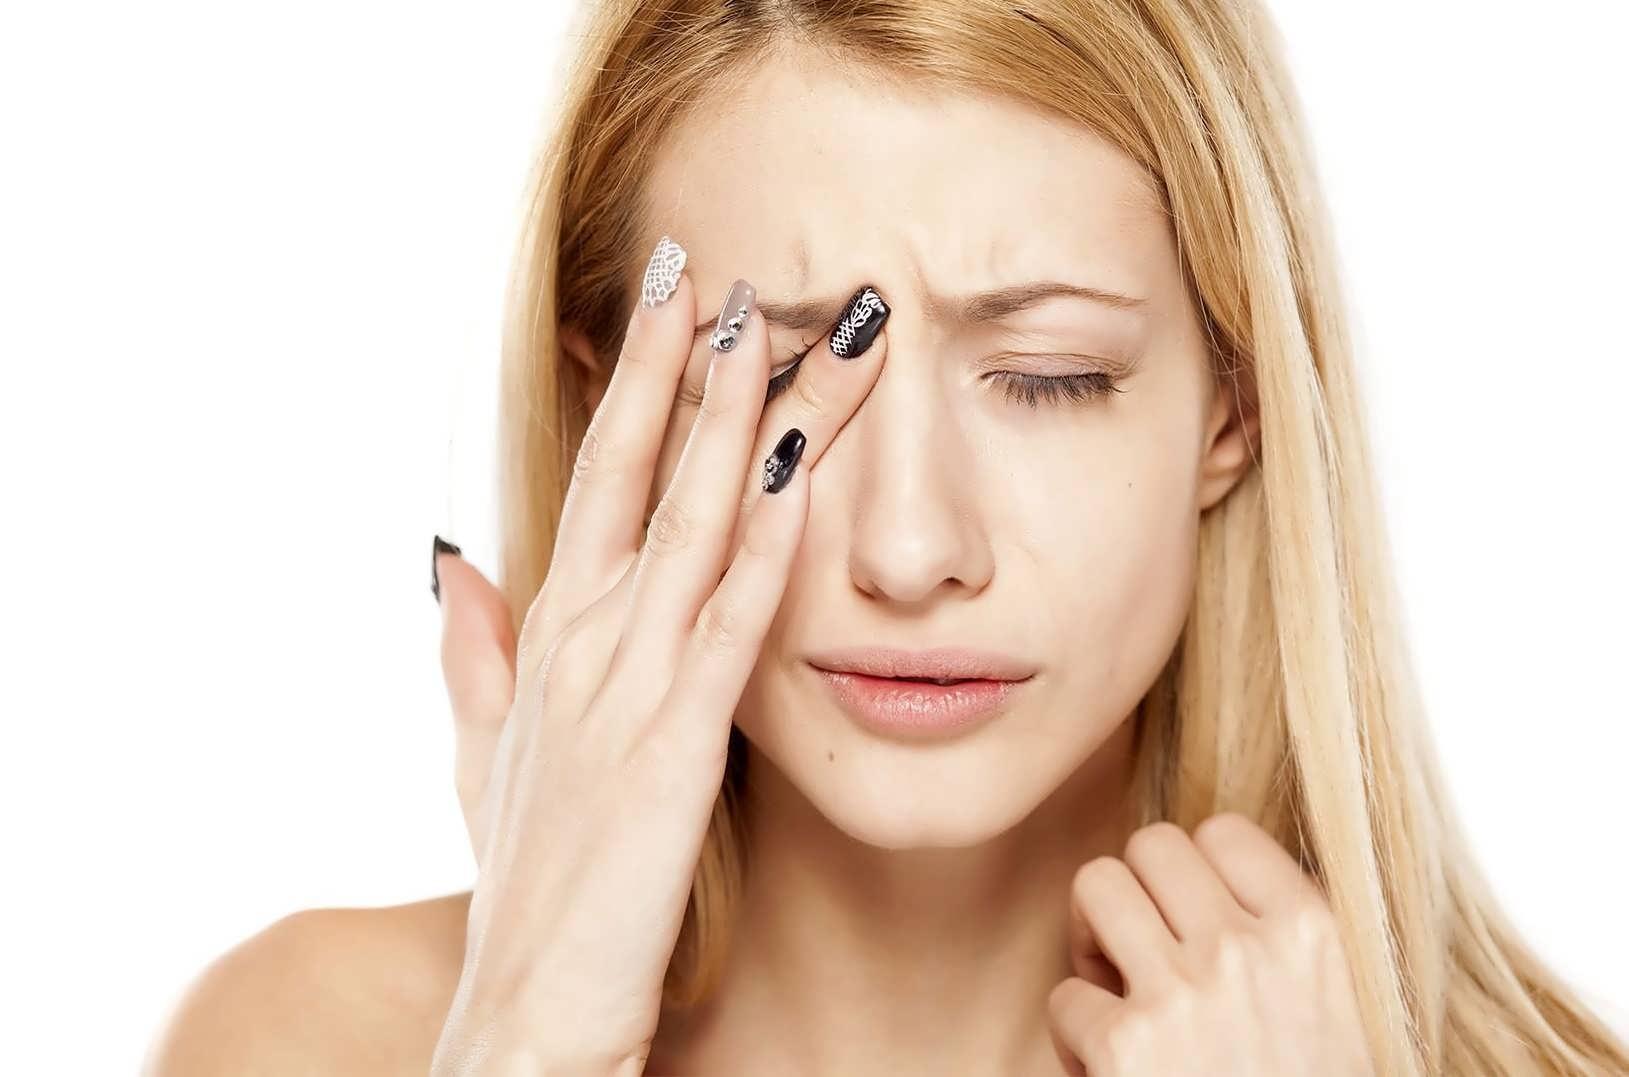 روش های درمان طبیعی چشم درد